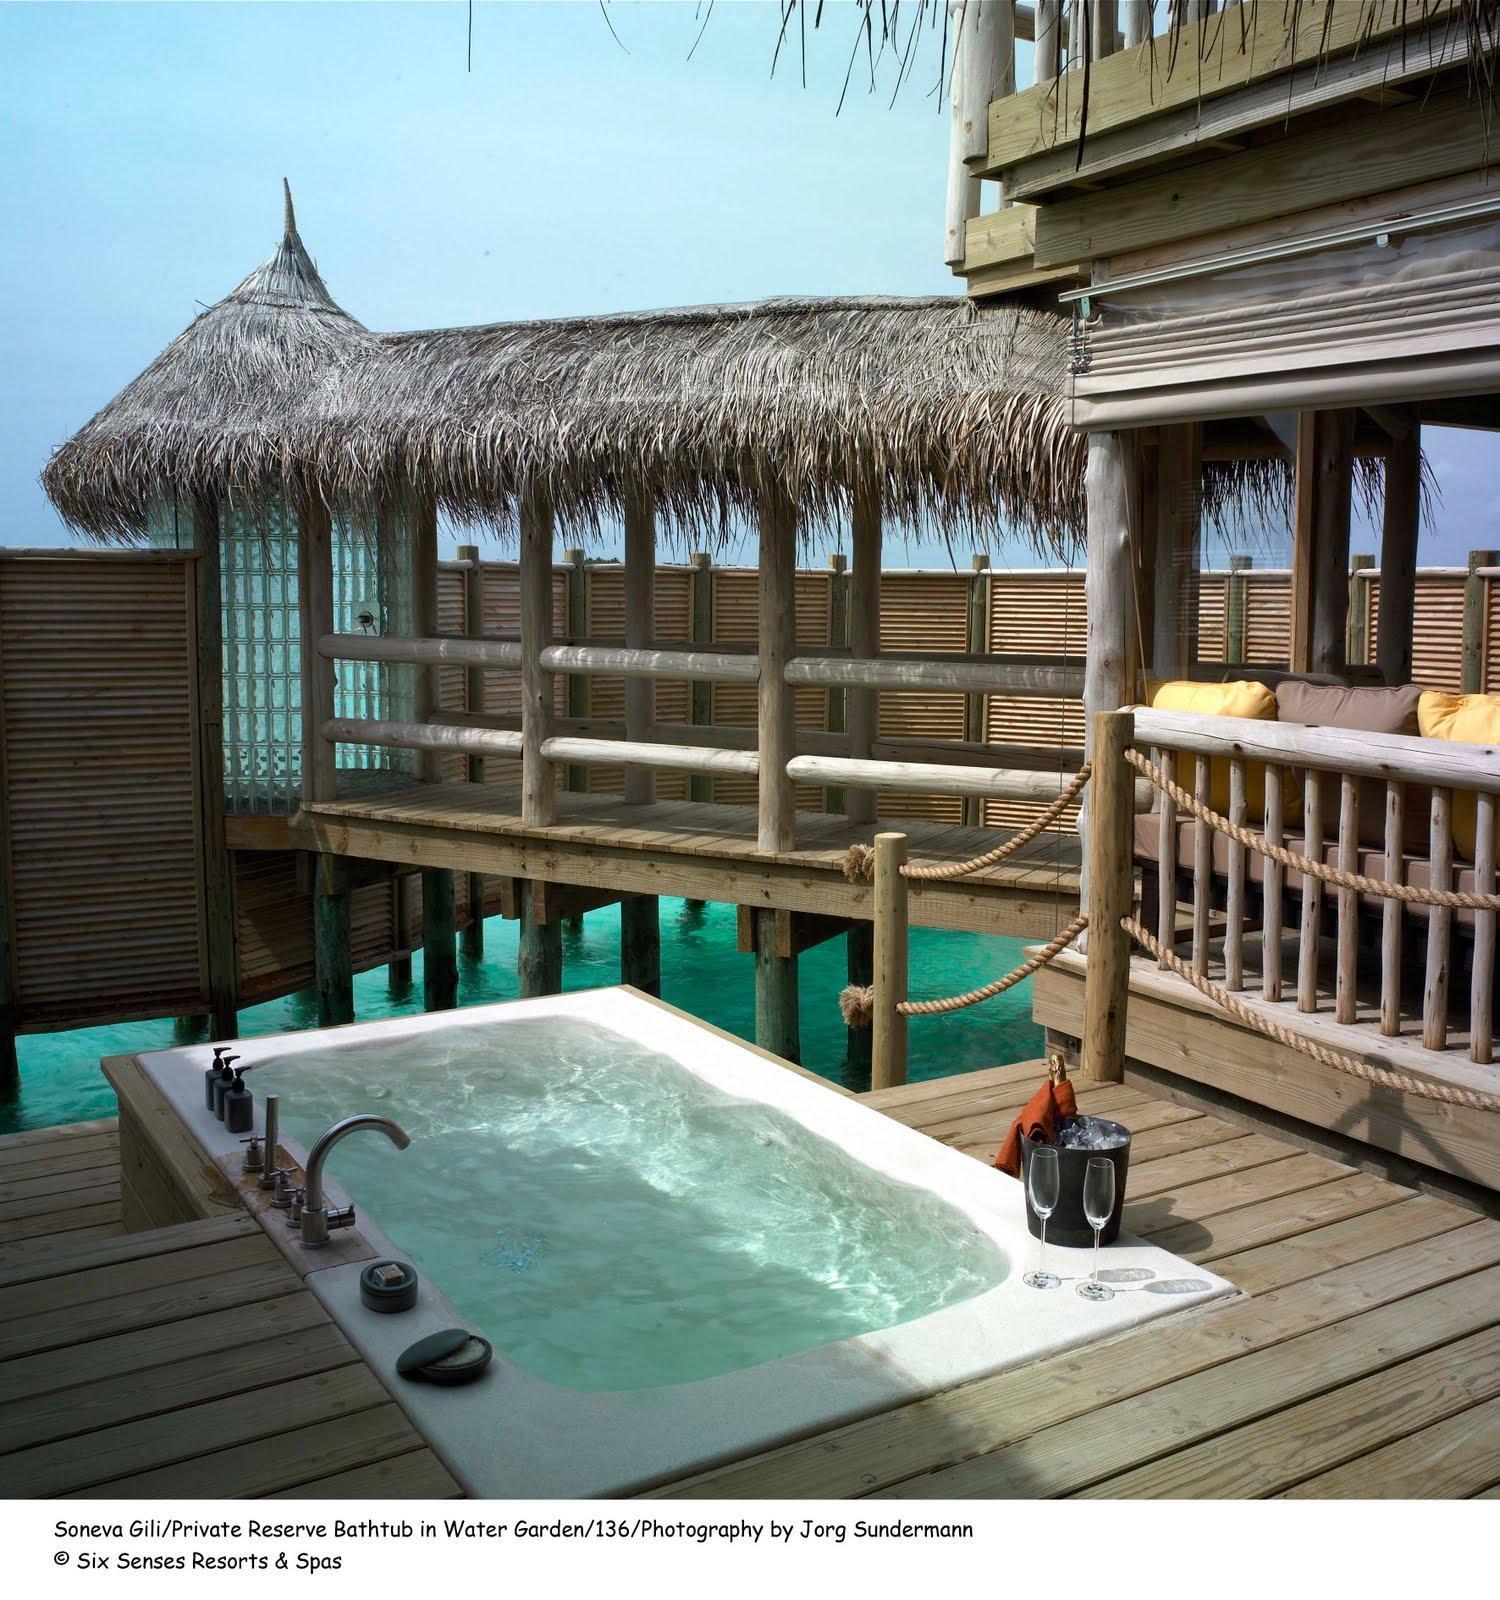 soneva gili un hotel flotante de lujo en las maldivas